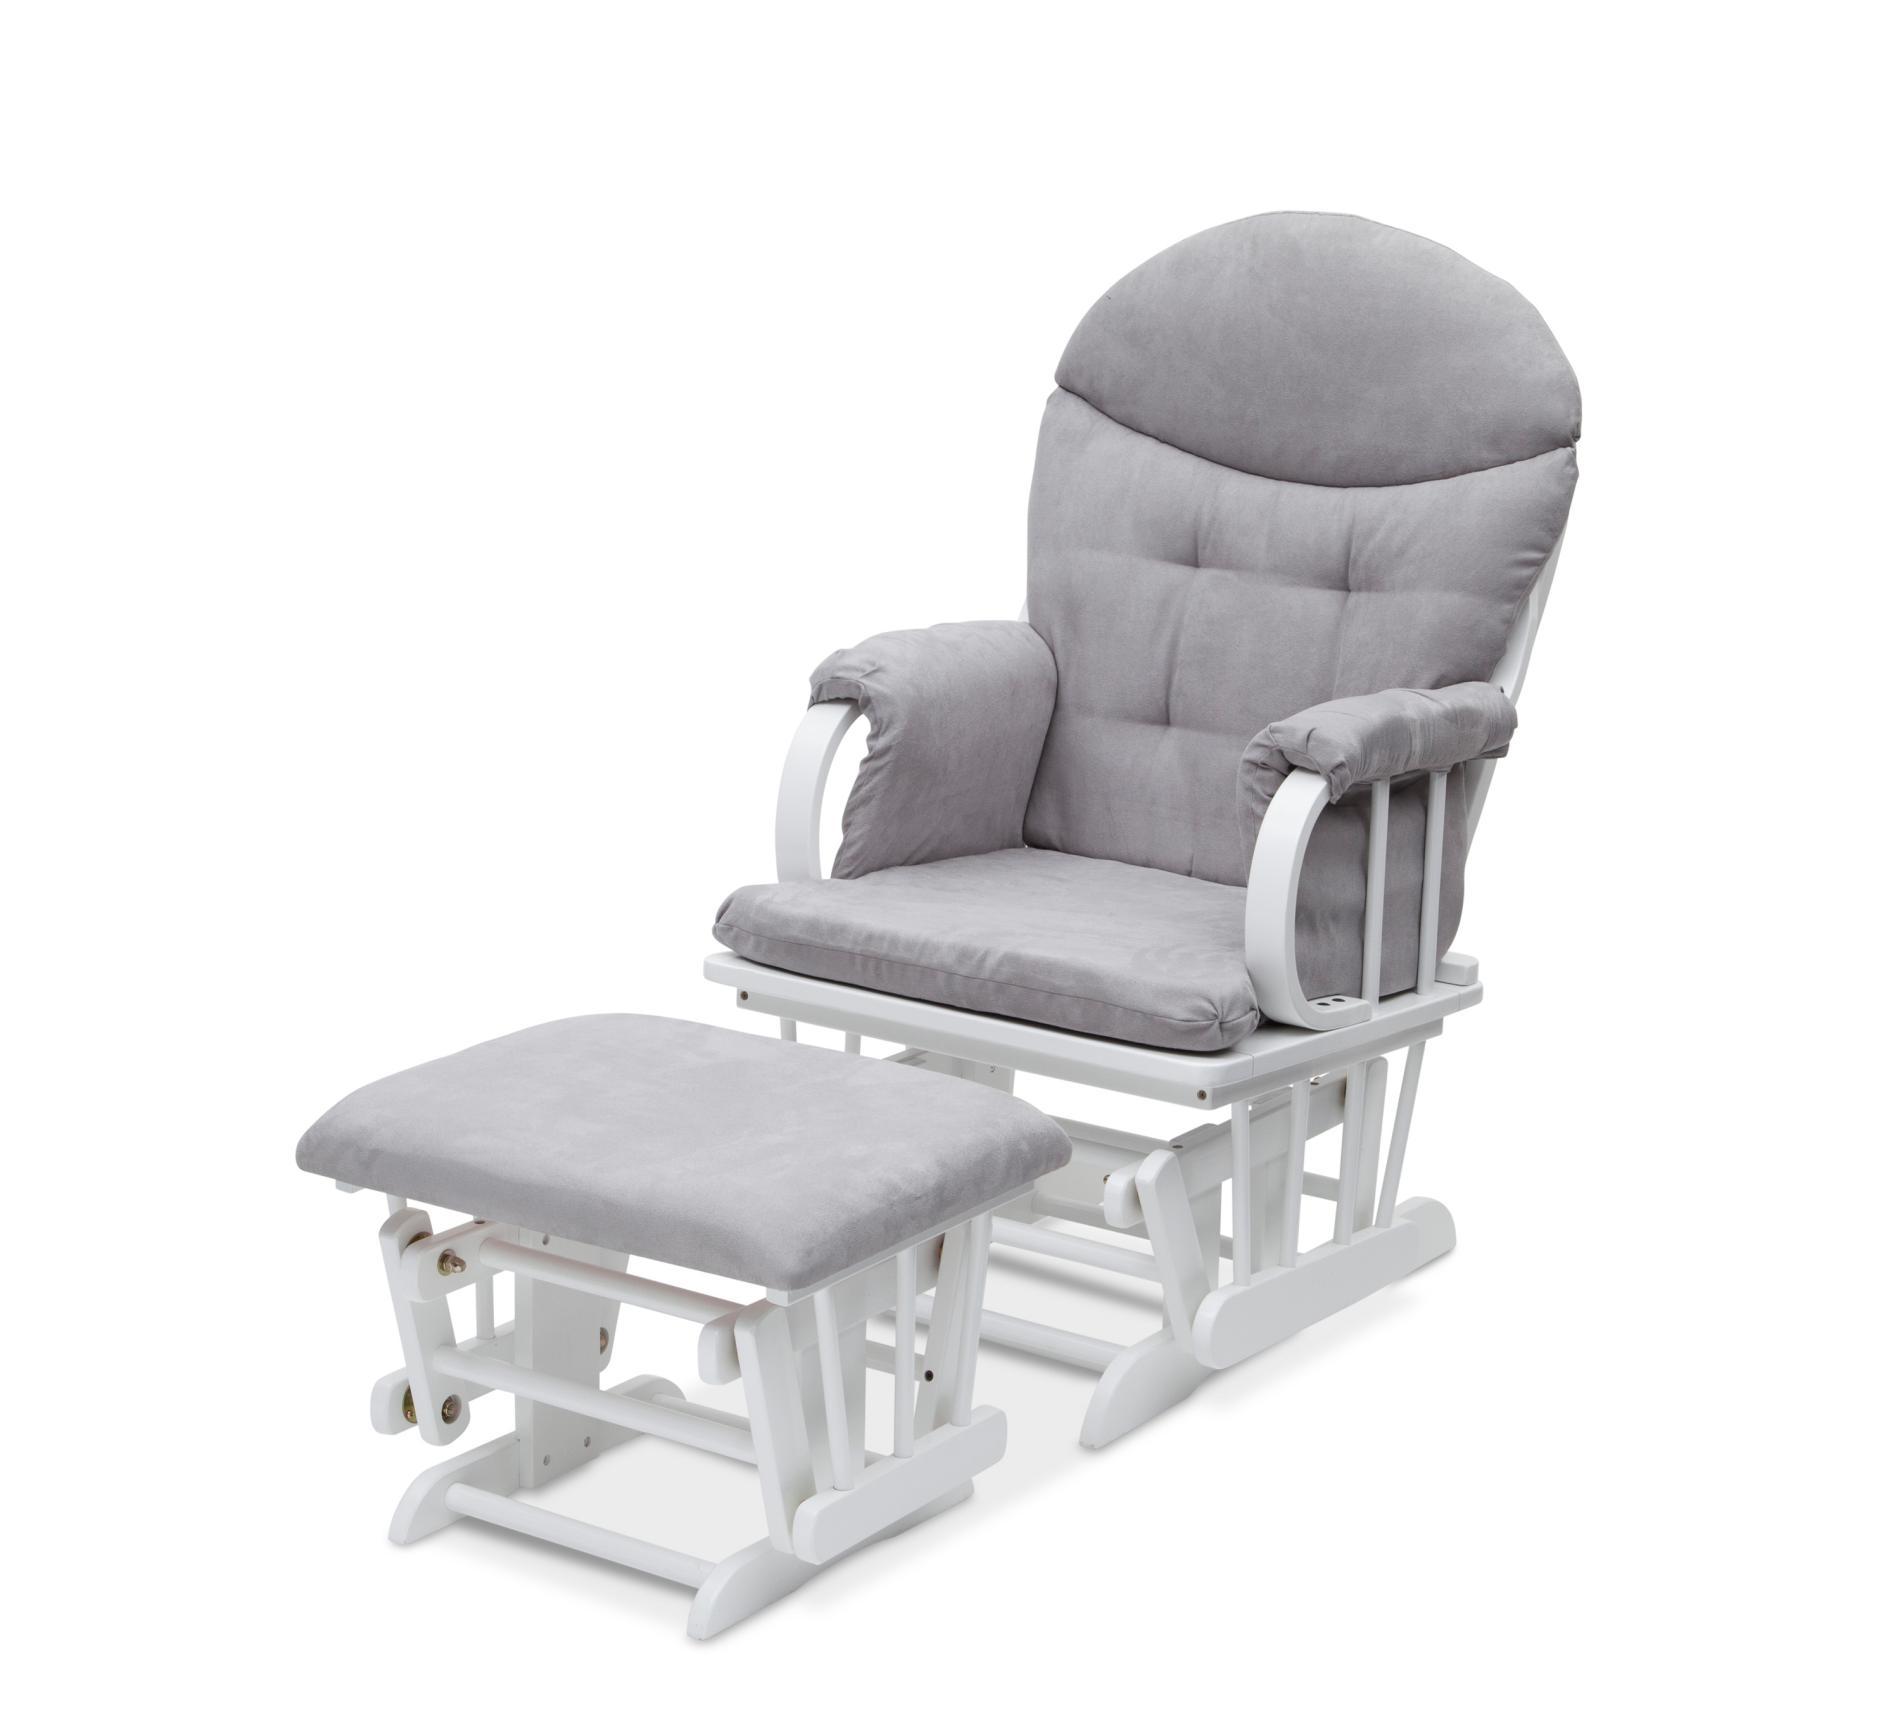 childcare glider rocking chair ottoman walnut swivel ikea delta children and